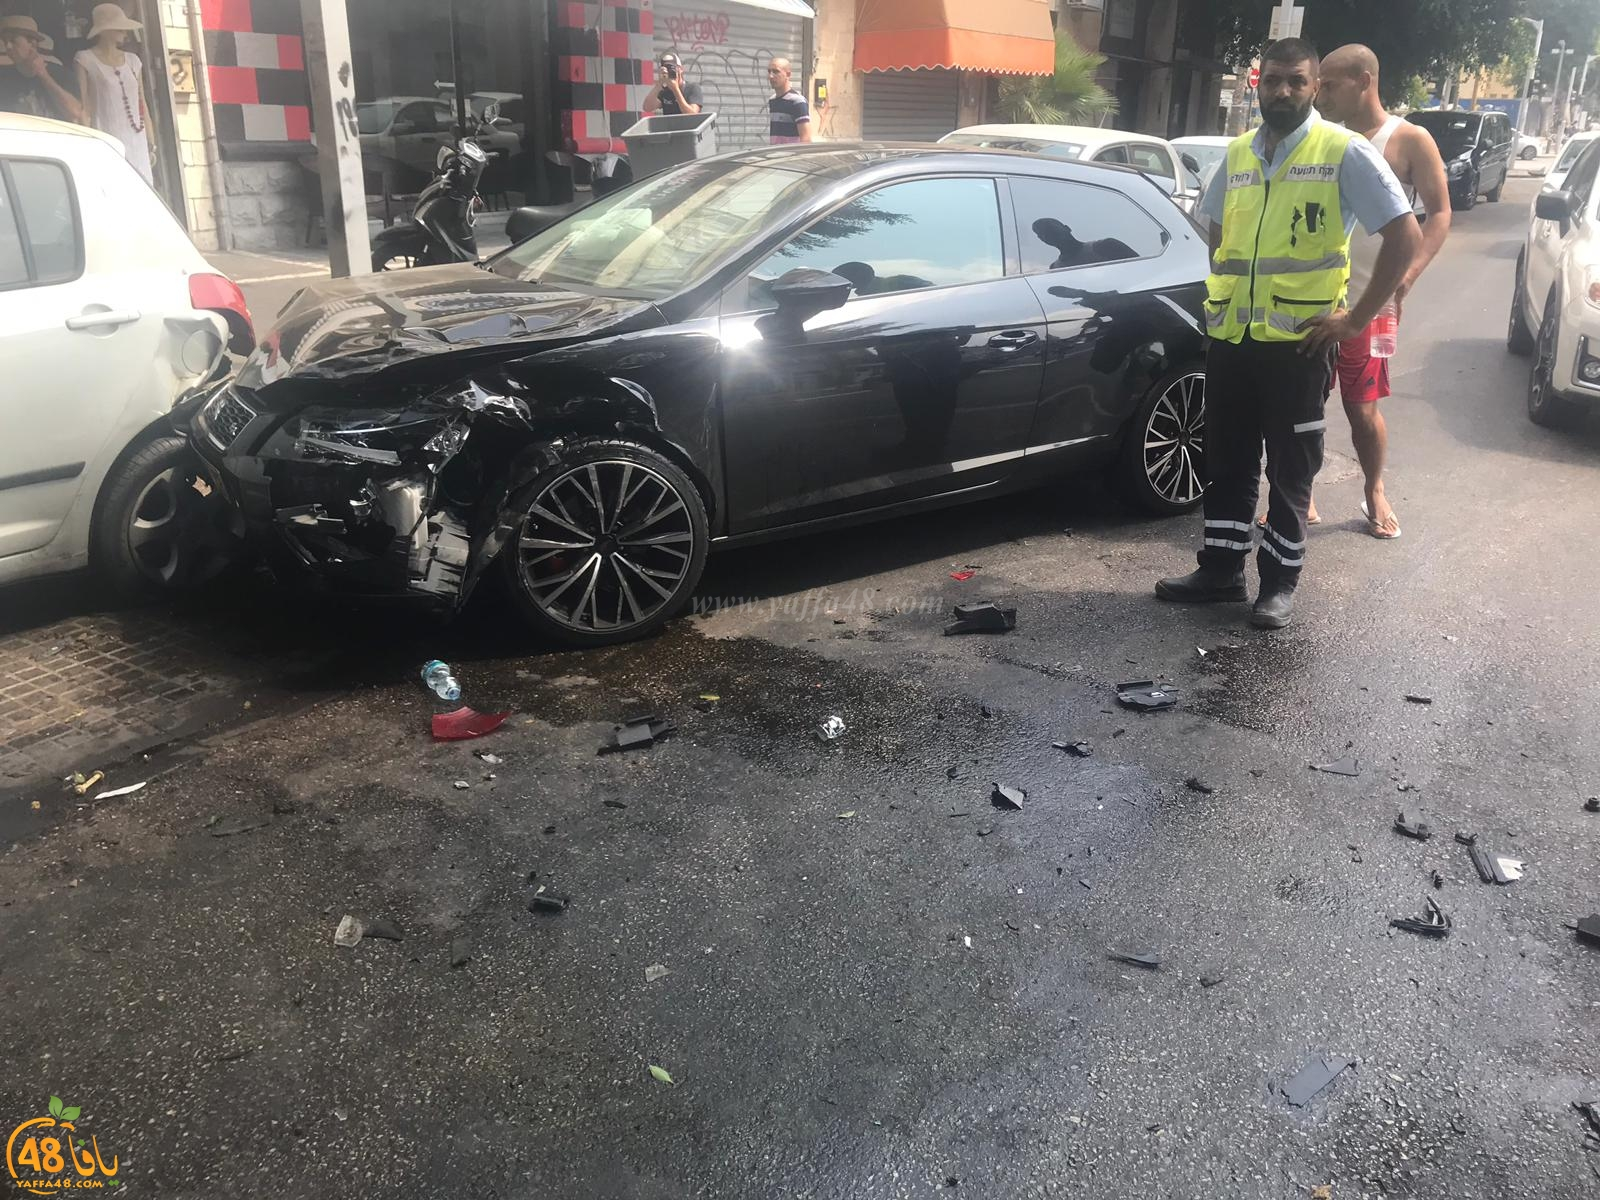 بالصور: اصابة طفيفة بحادث طرق متسلسل بين 4 مركبات في يافا